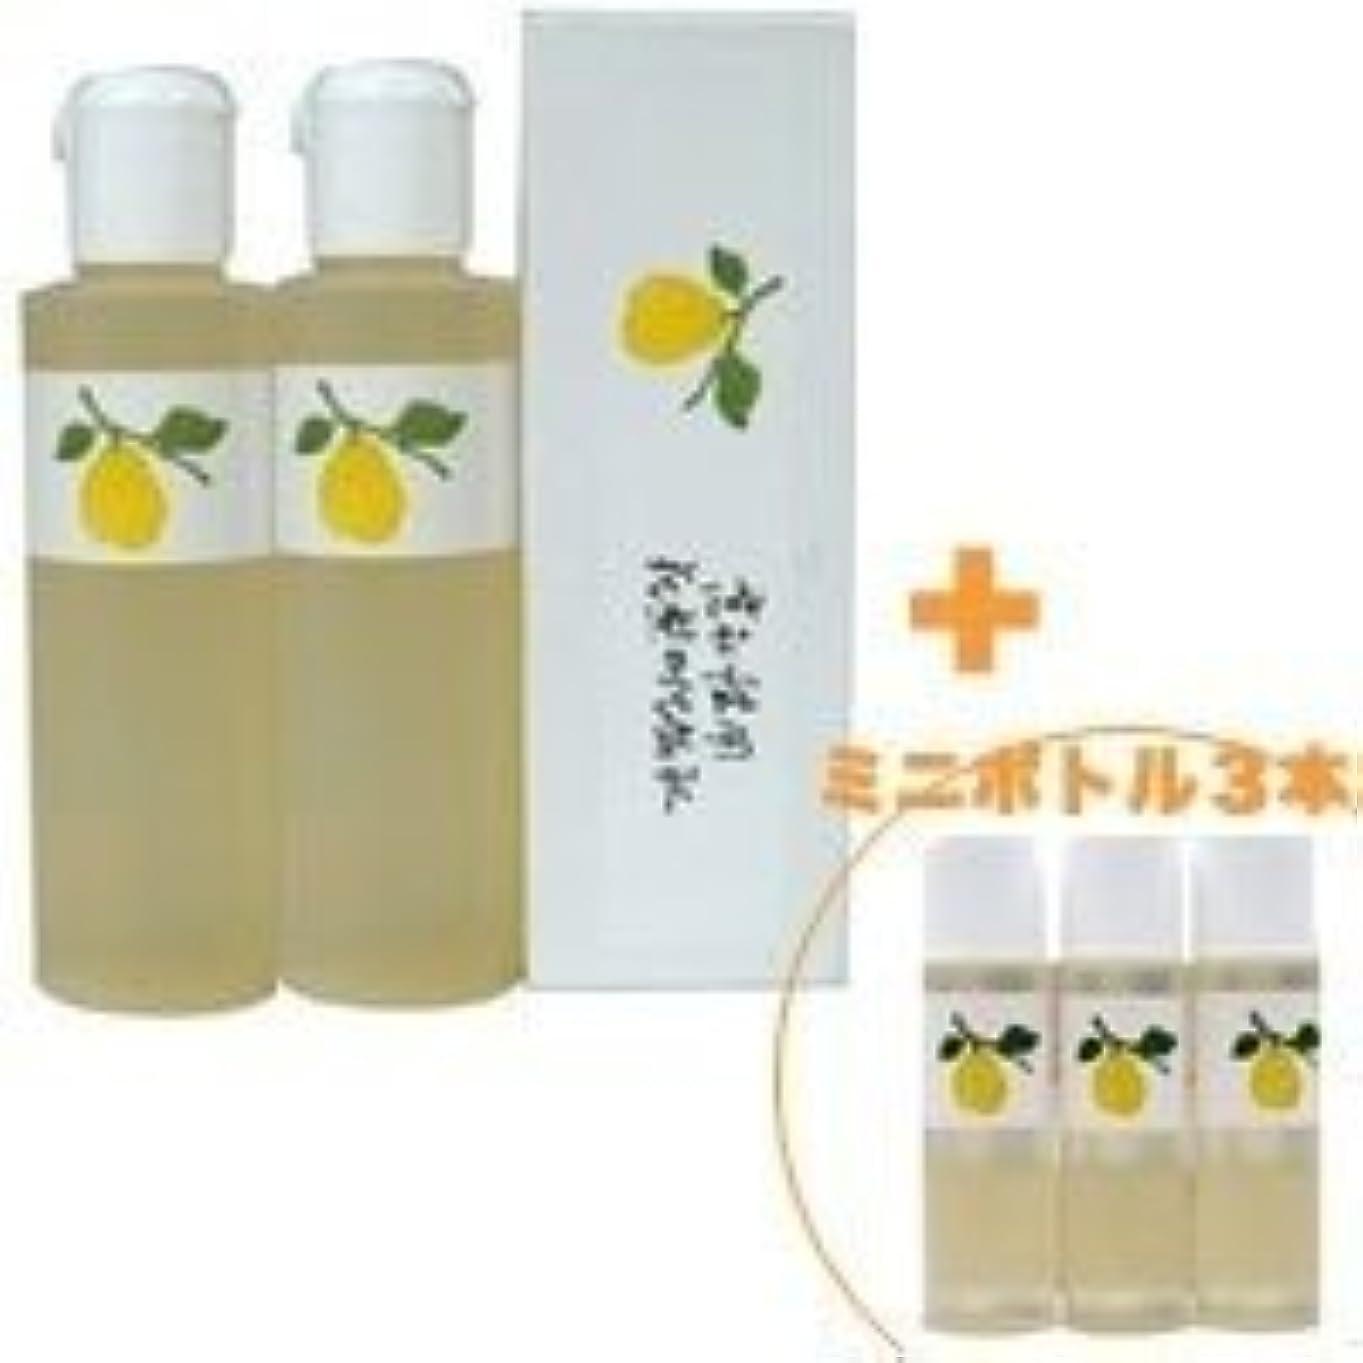 ましいずんぐりした決済花梨の化粧水 200ml 2本&ミニボトル 3本 美容液 栄養クリームのいらないお肌へ 保湿と乾燥対策に